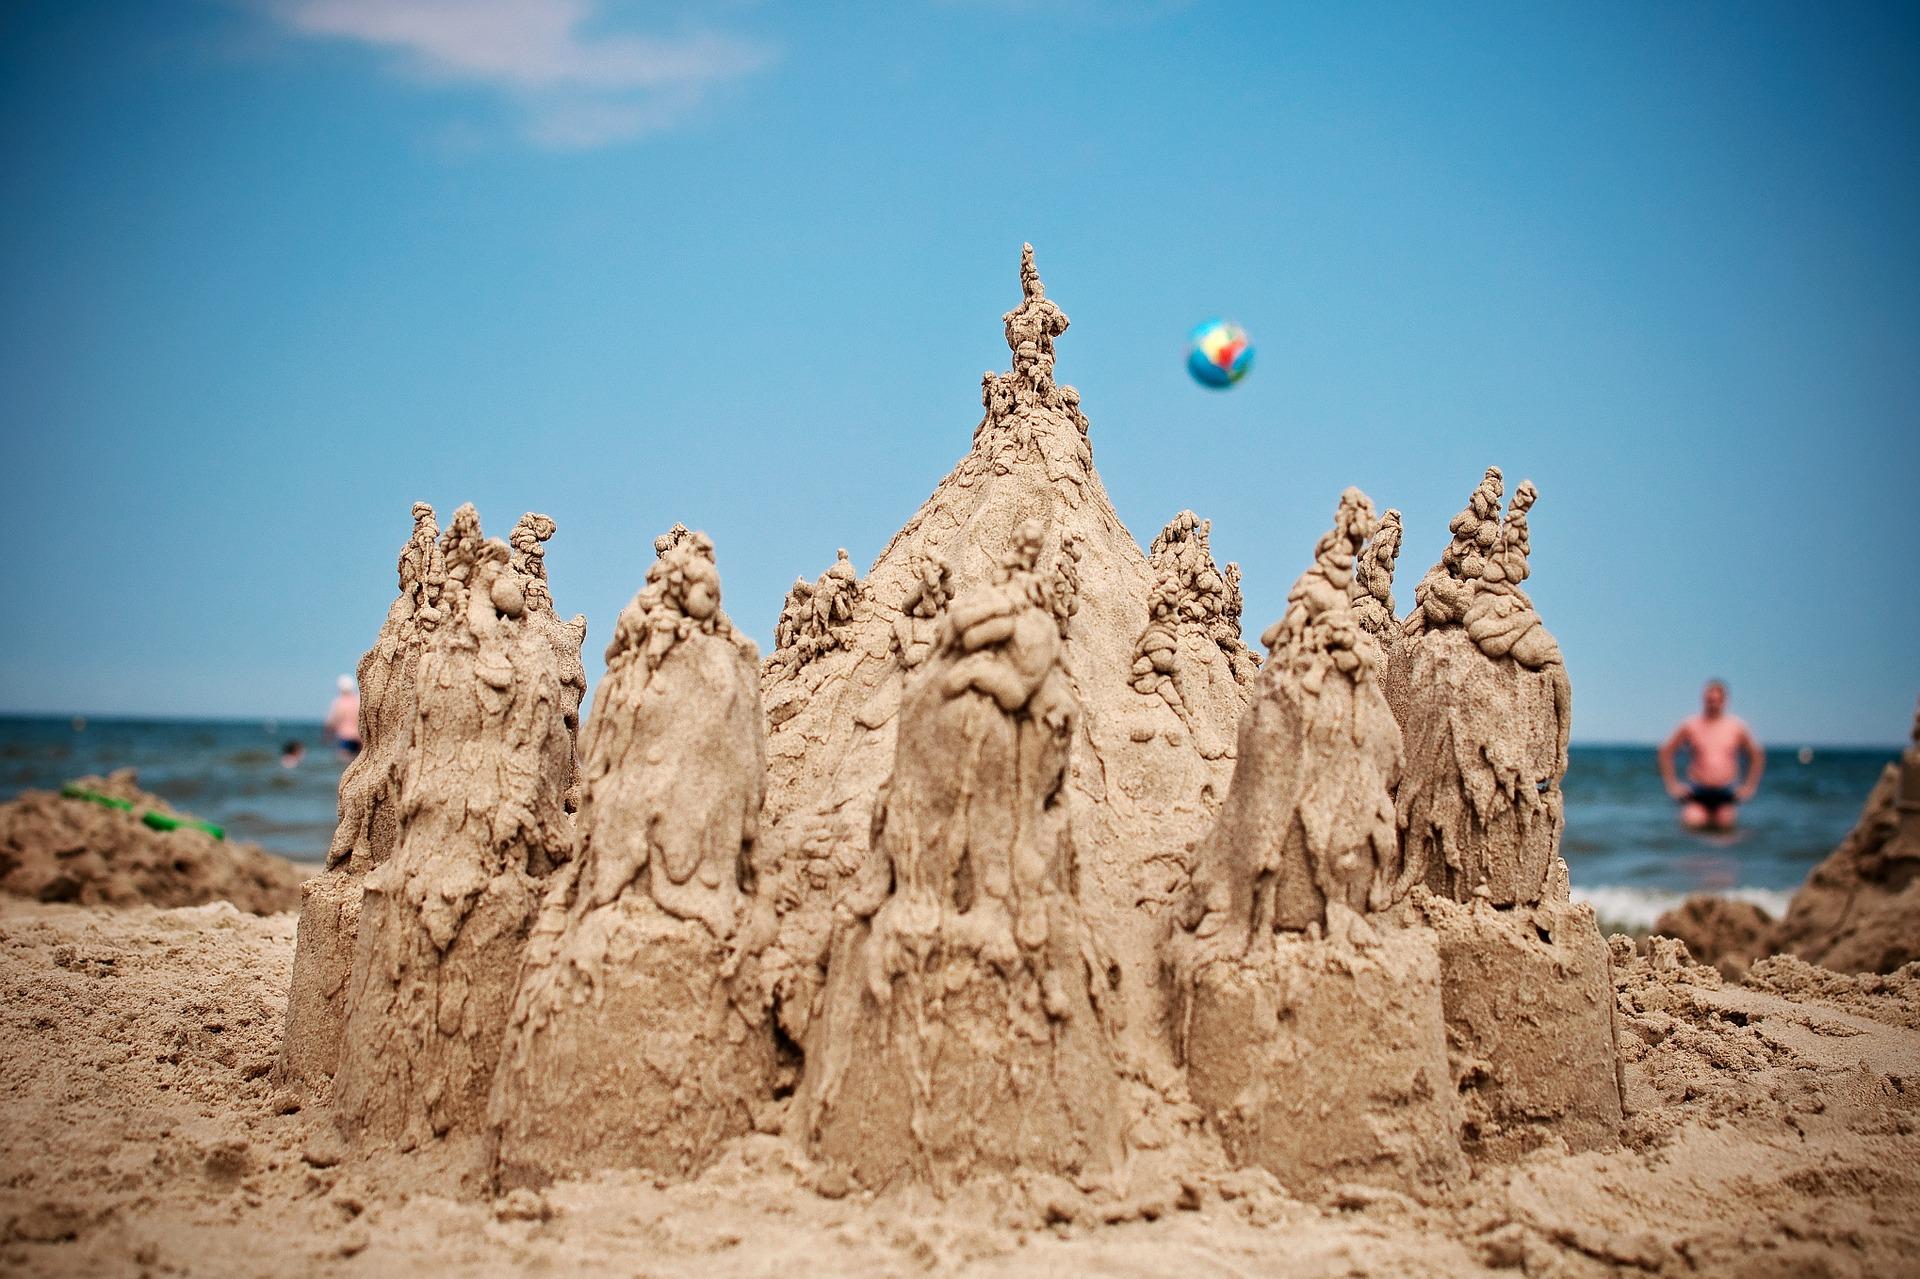 Castello di sabbia, Spiaggia, Mare, acqua, estate - Sfondi HD - Professor-falken.com